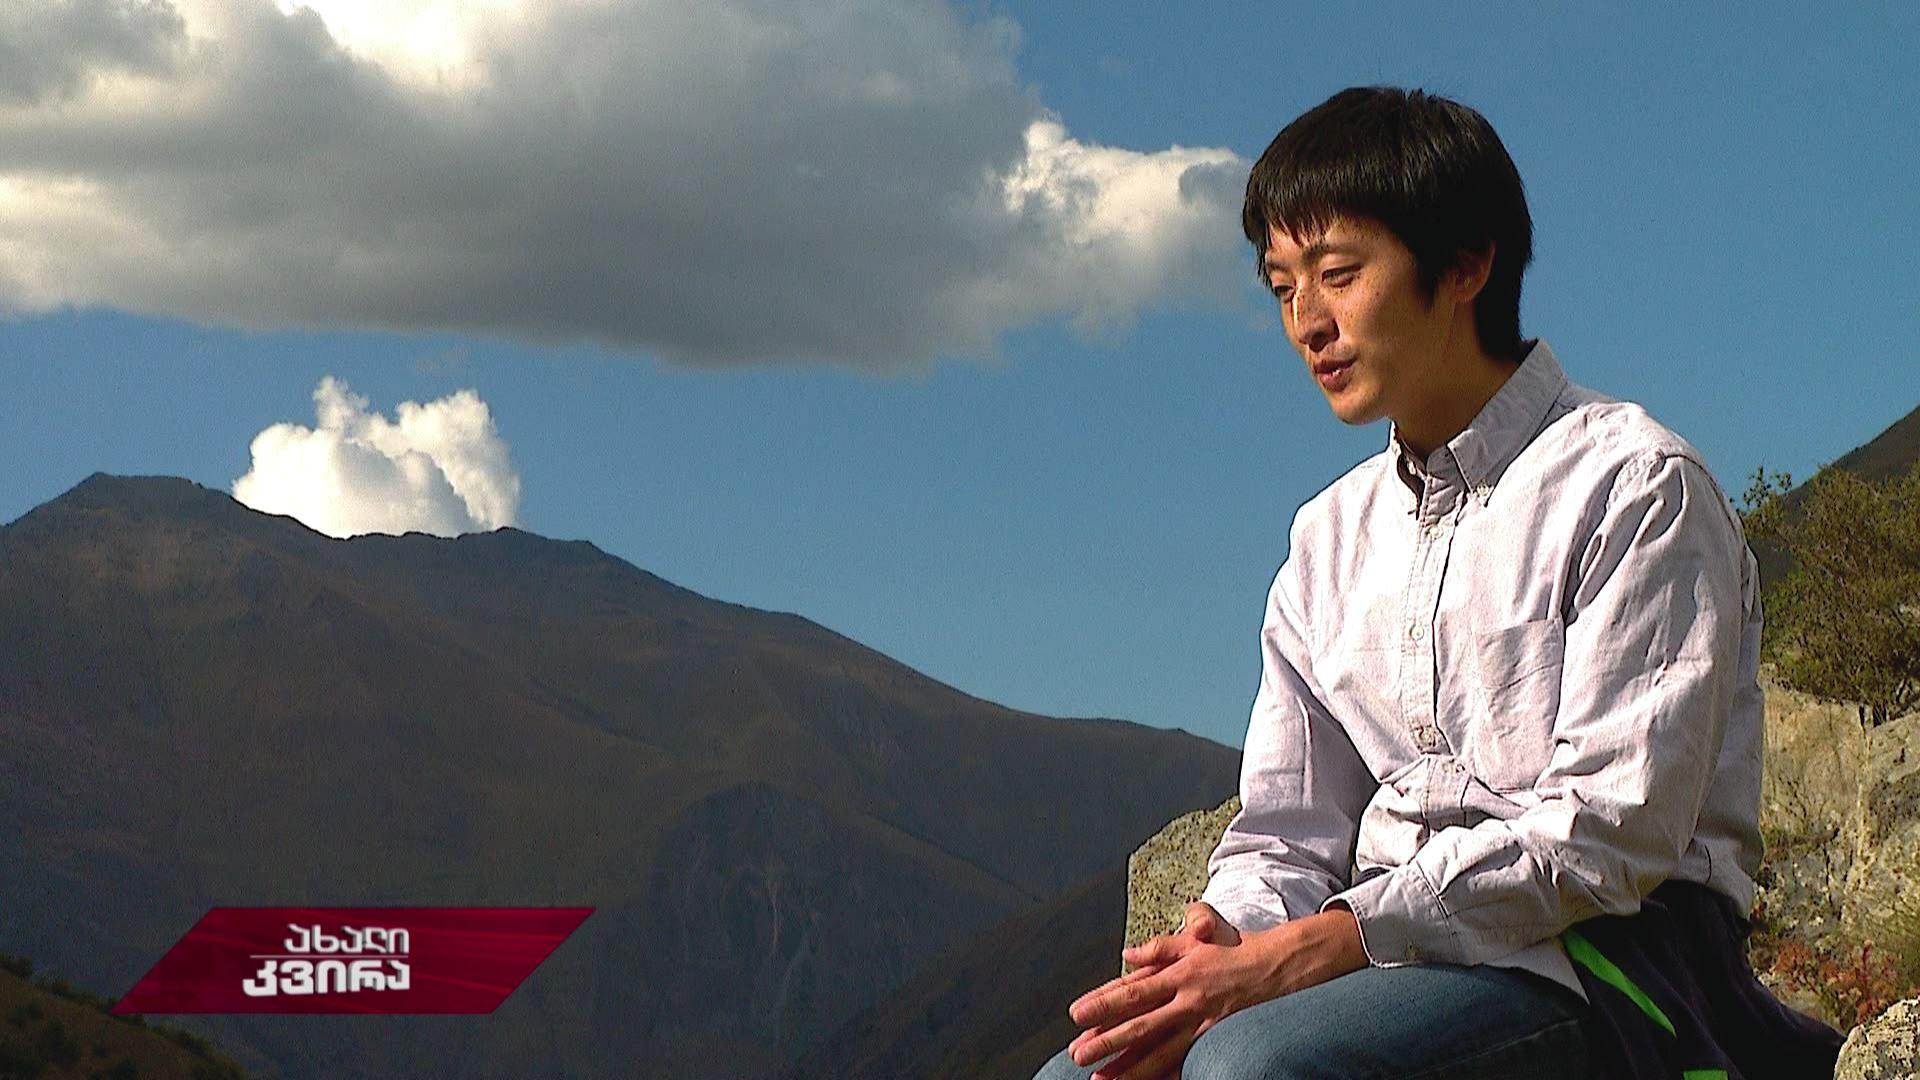 ვაჟა-ფშაველას იაპონელი მკვლევარი